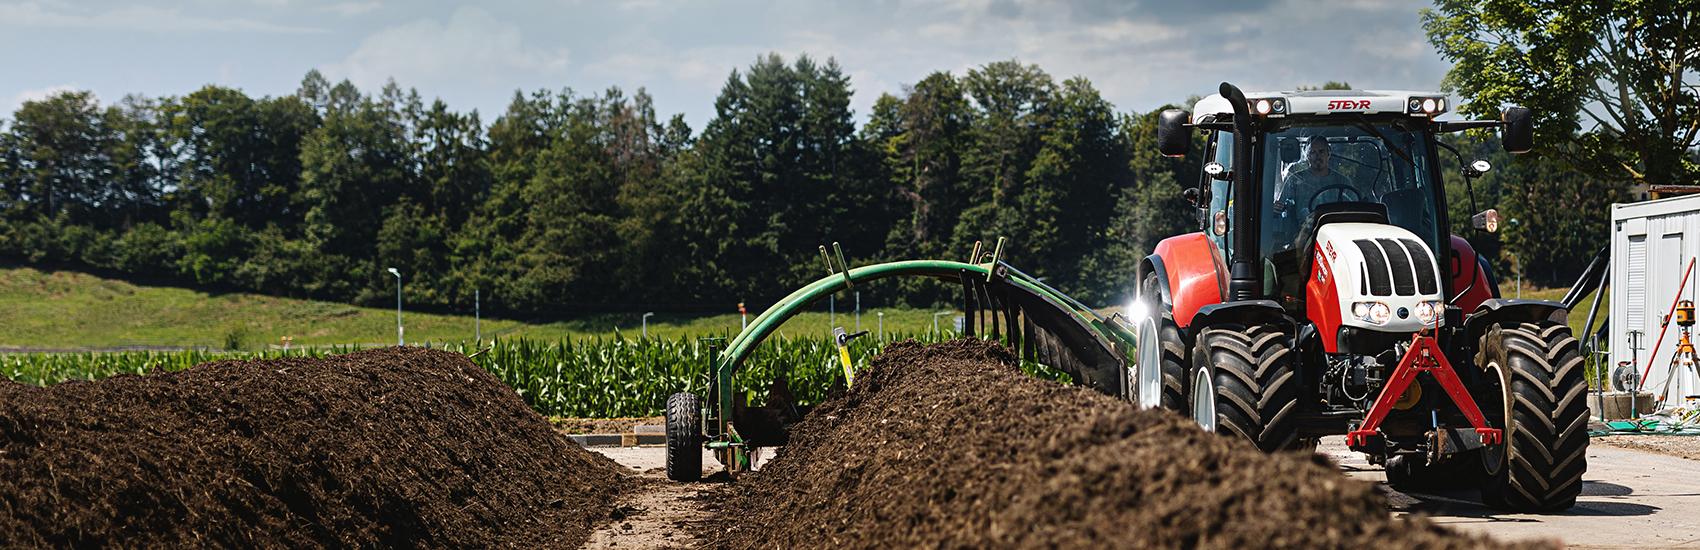 Wender der Kompostmiten bei der Firma Qualikomp AG, dient der Herstellung von Qualitätskompost